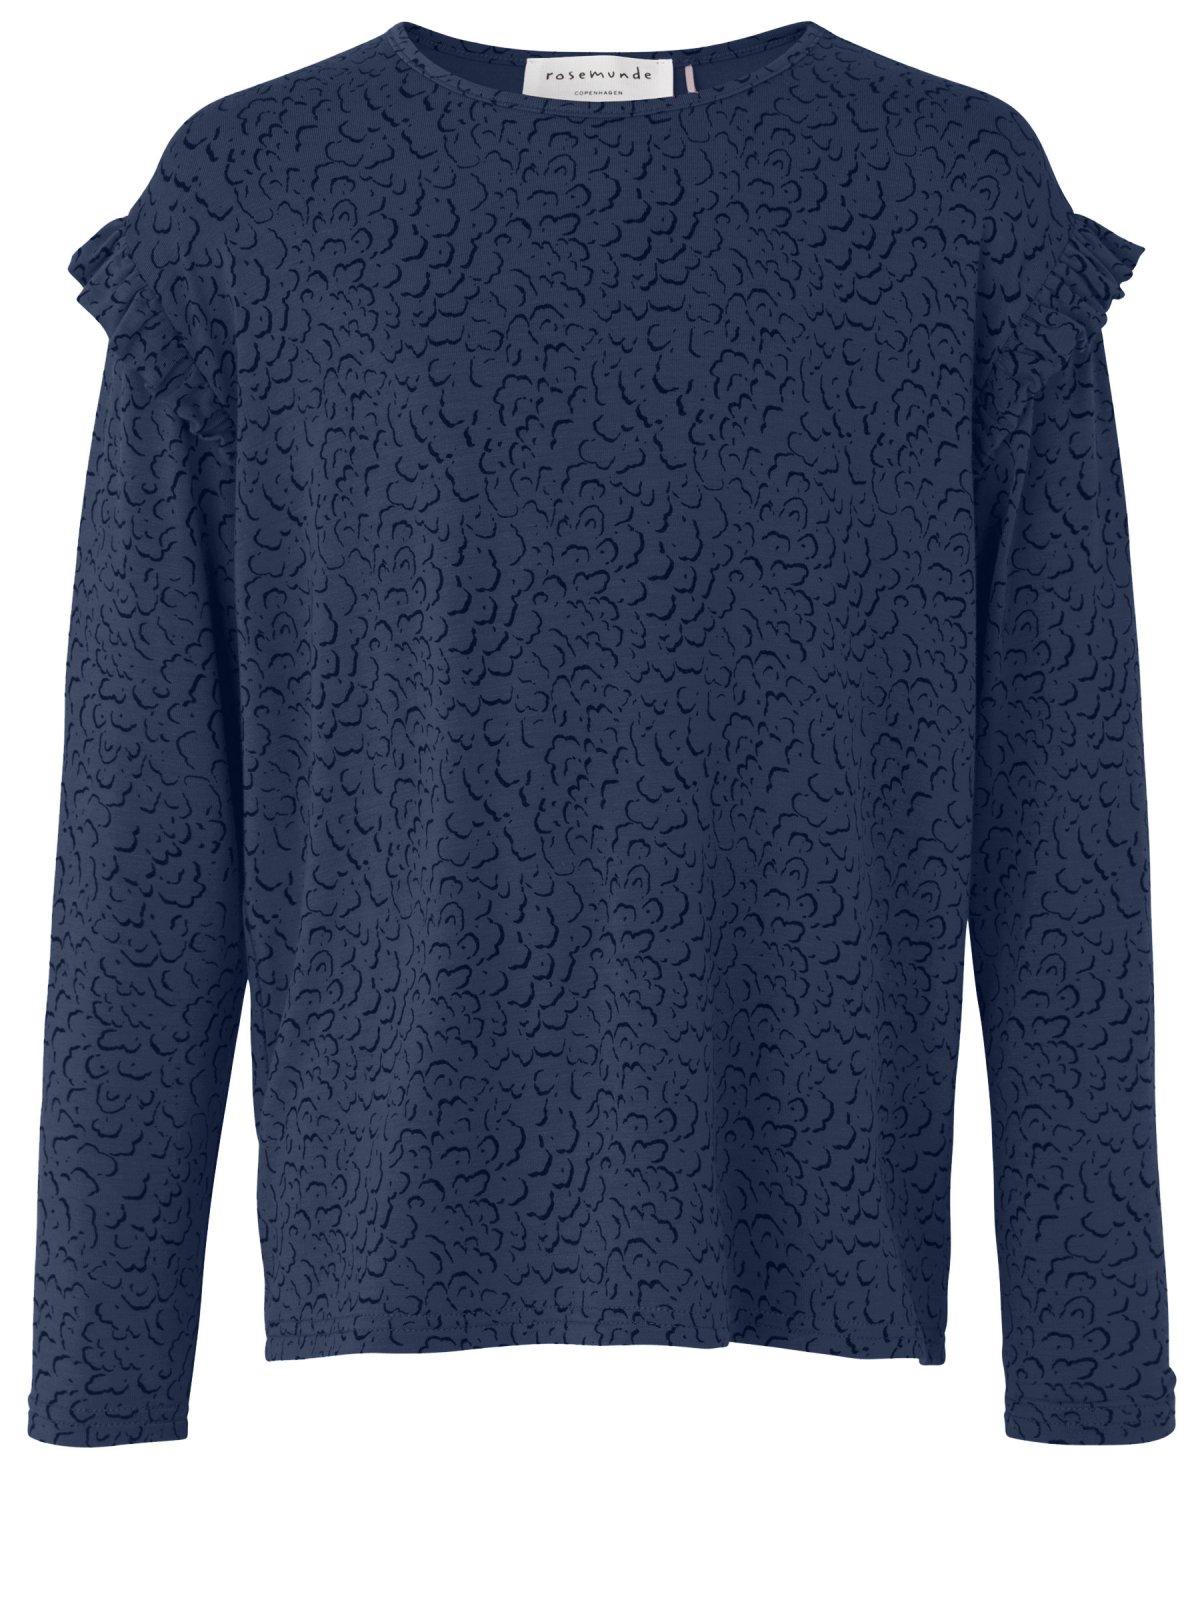 Bluse til piger, blue whirlwind print - Piger - Rosemunde